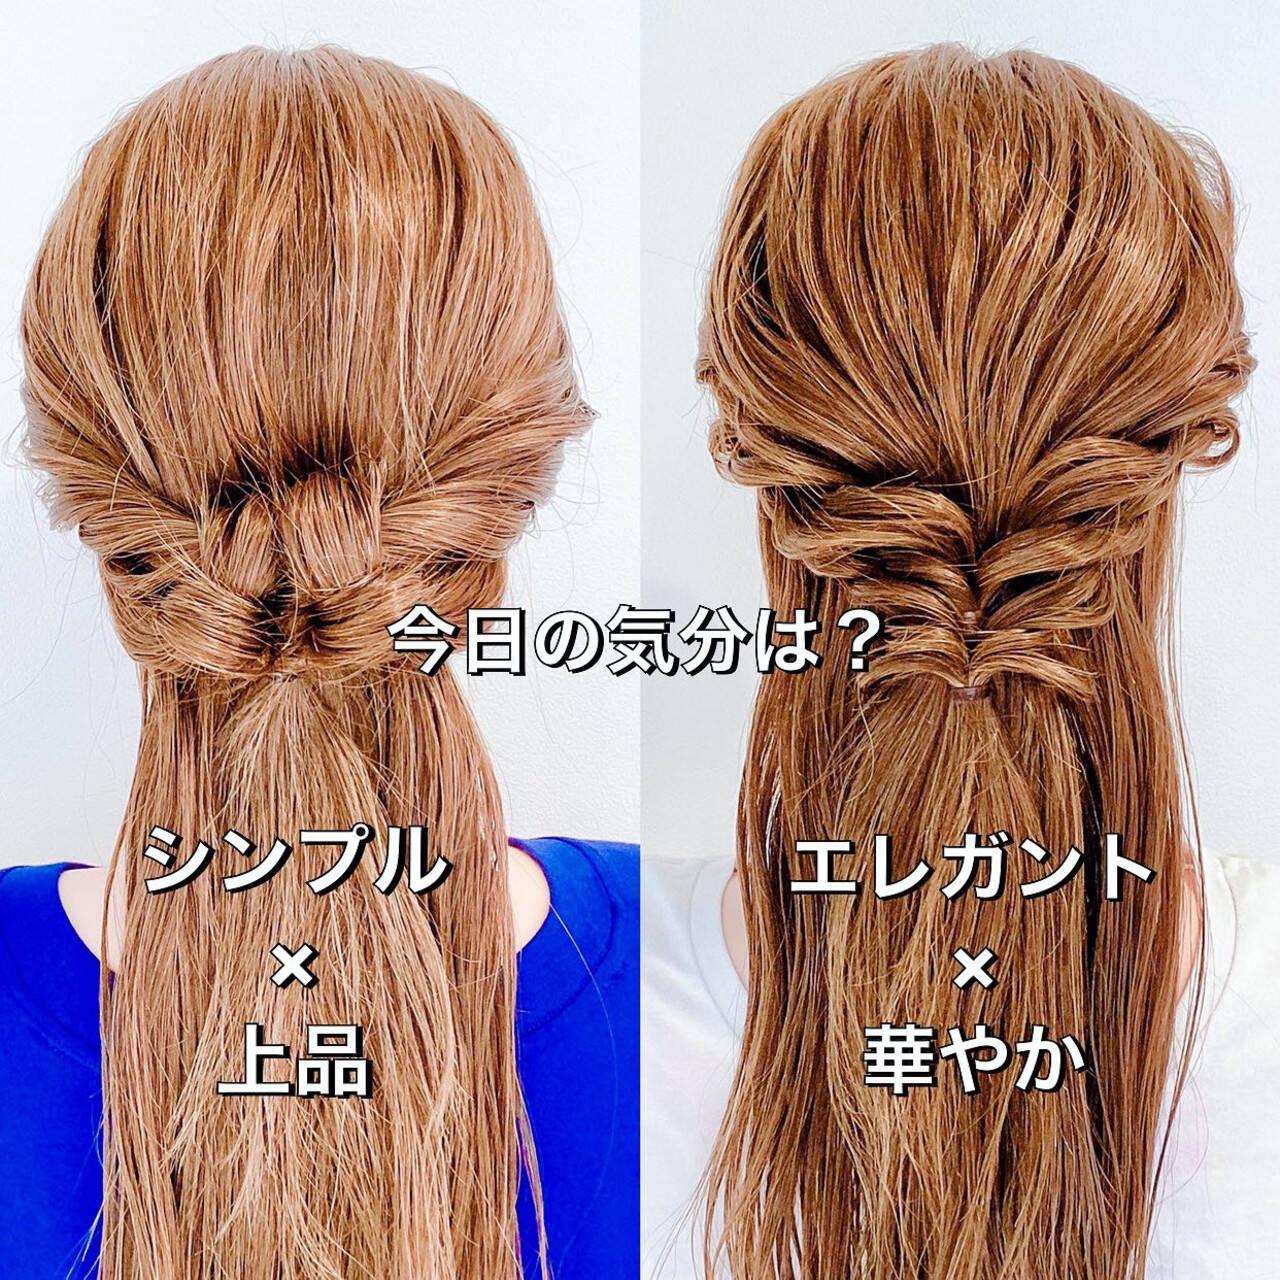 ロング ヘアセット ヘアアレンジ フェミニンヘアスタイルや髪型の写真・画像